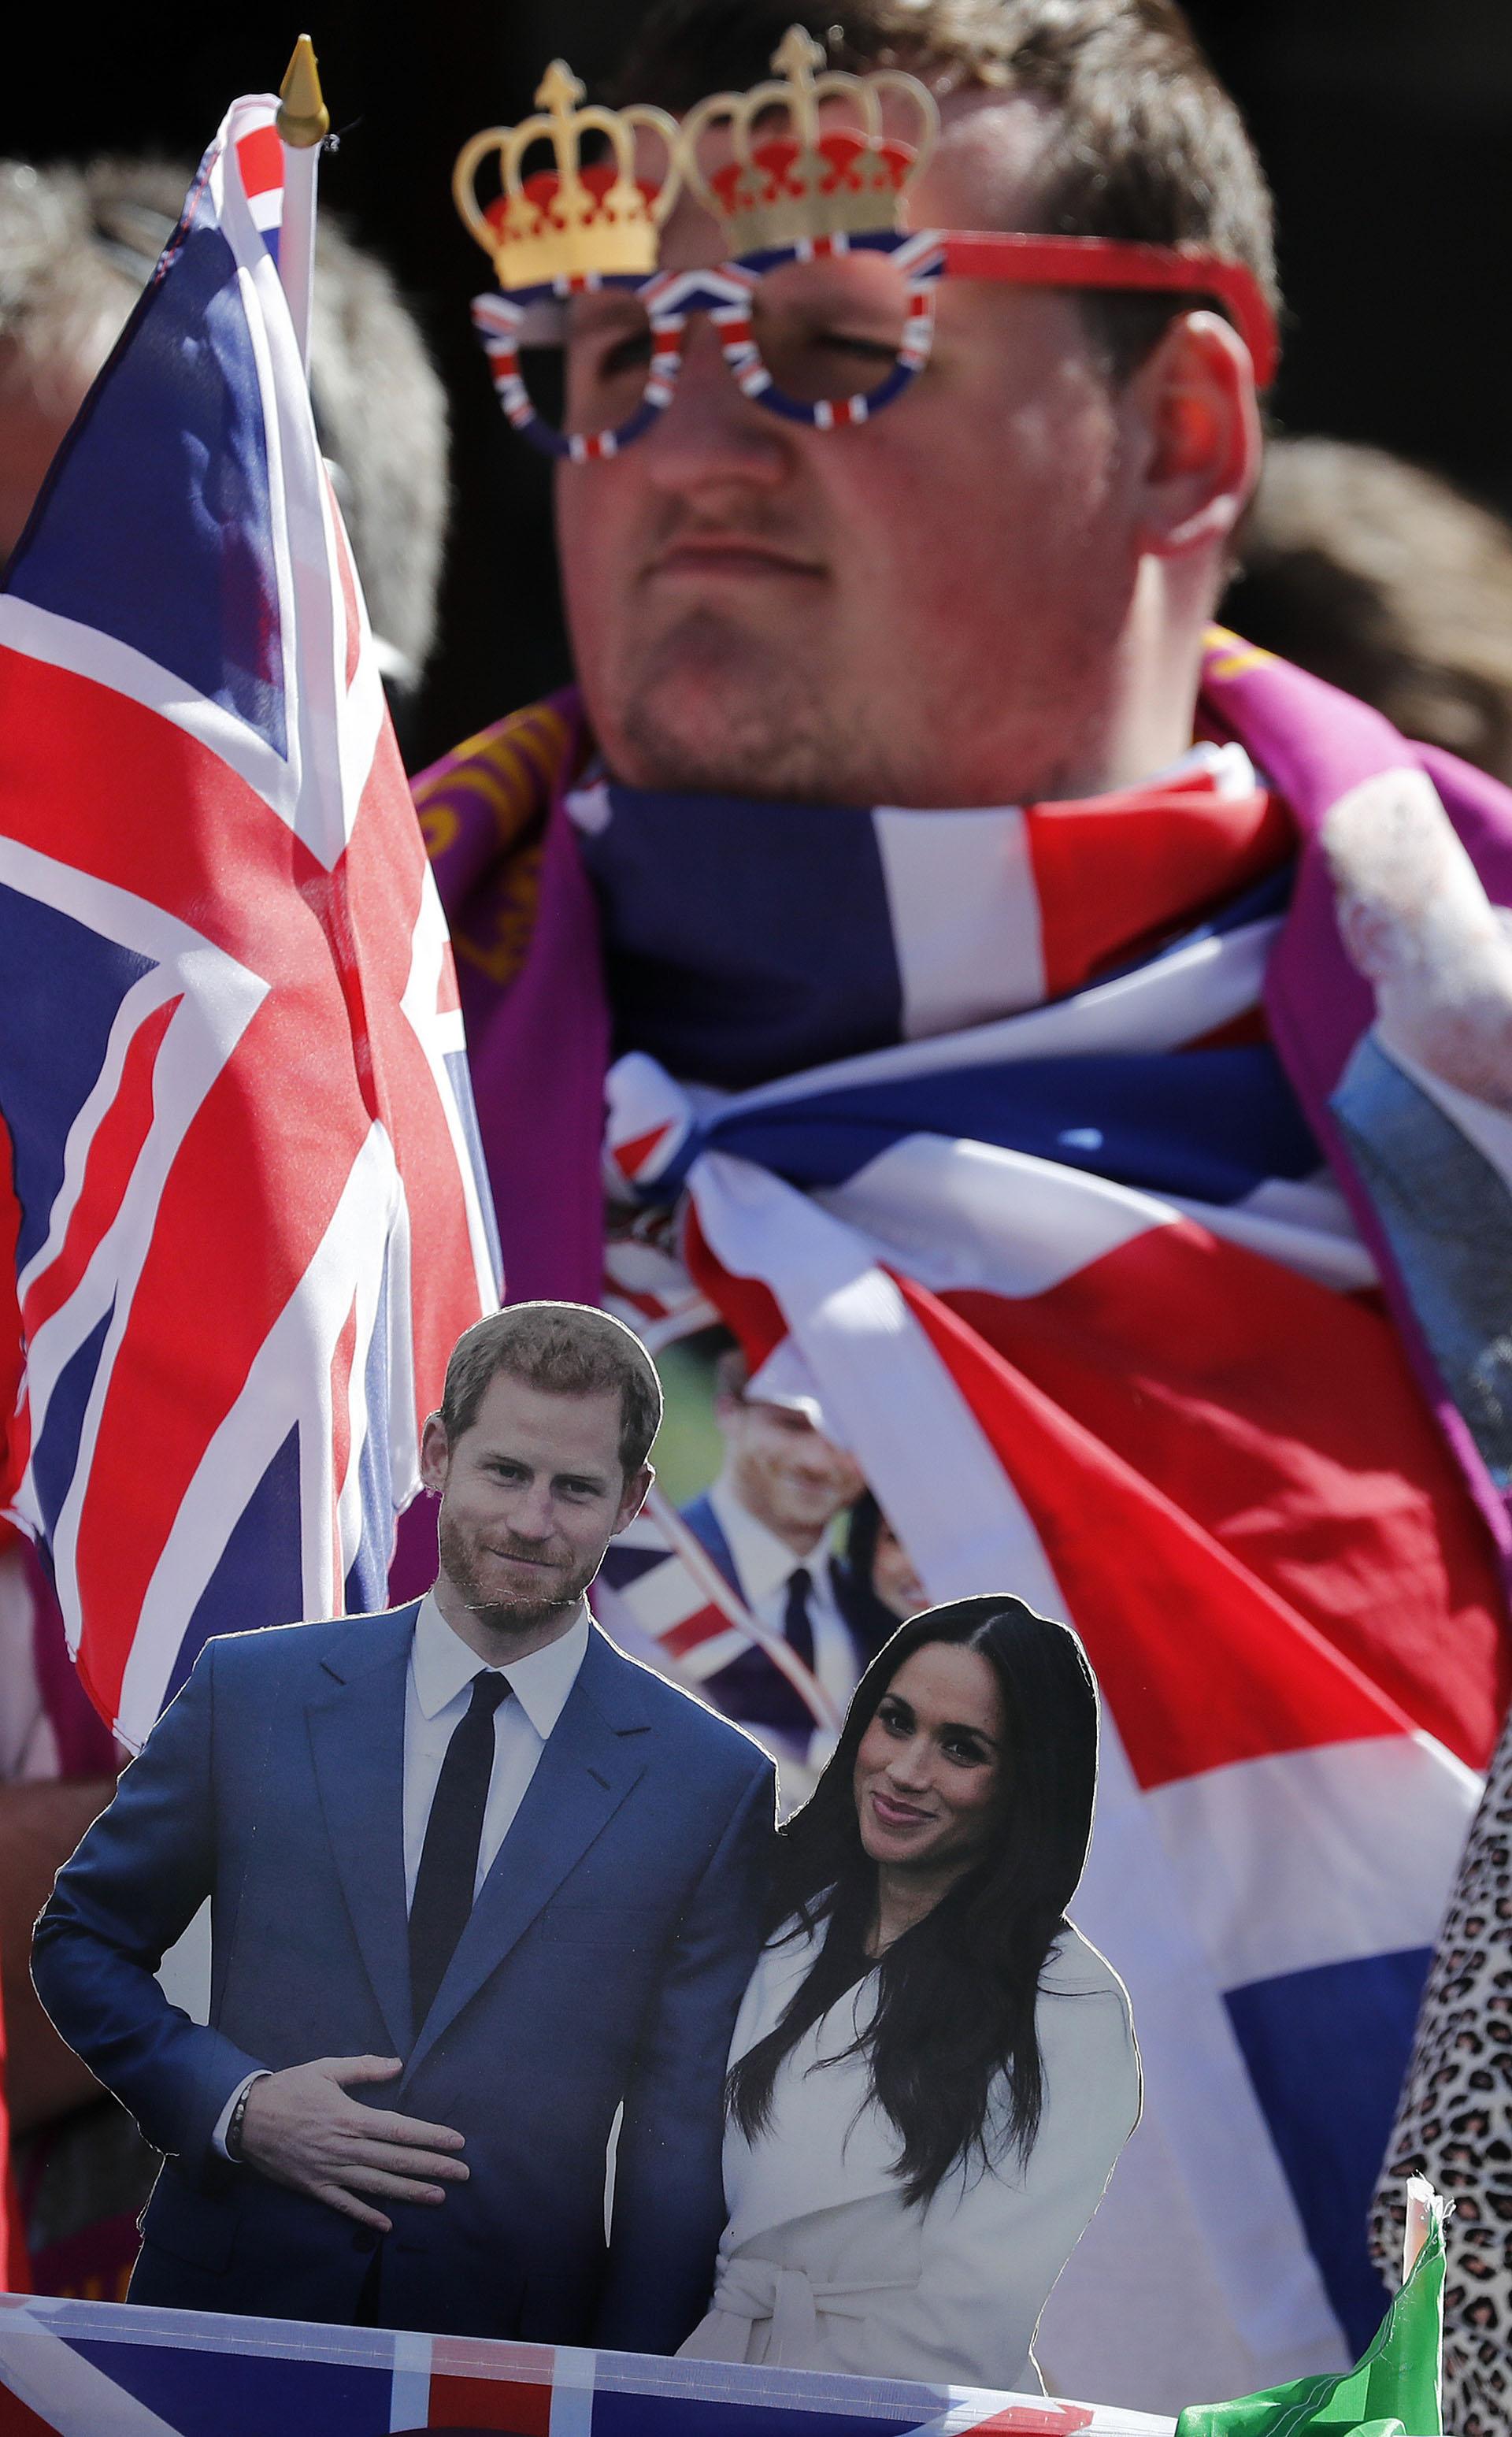 La fiebre de la boda real se apoderó de las calles